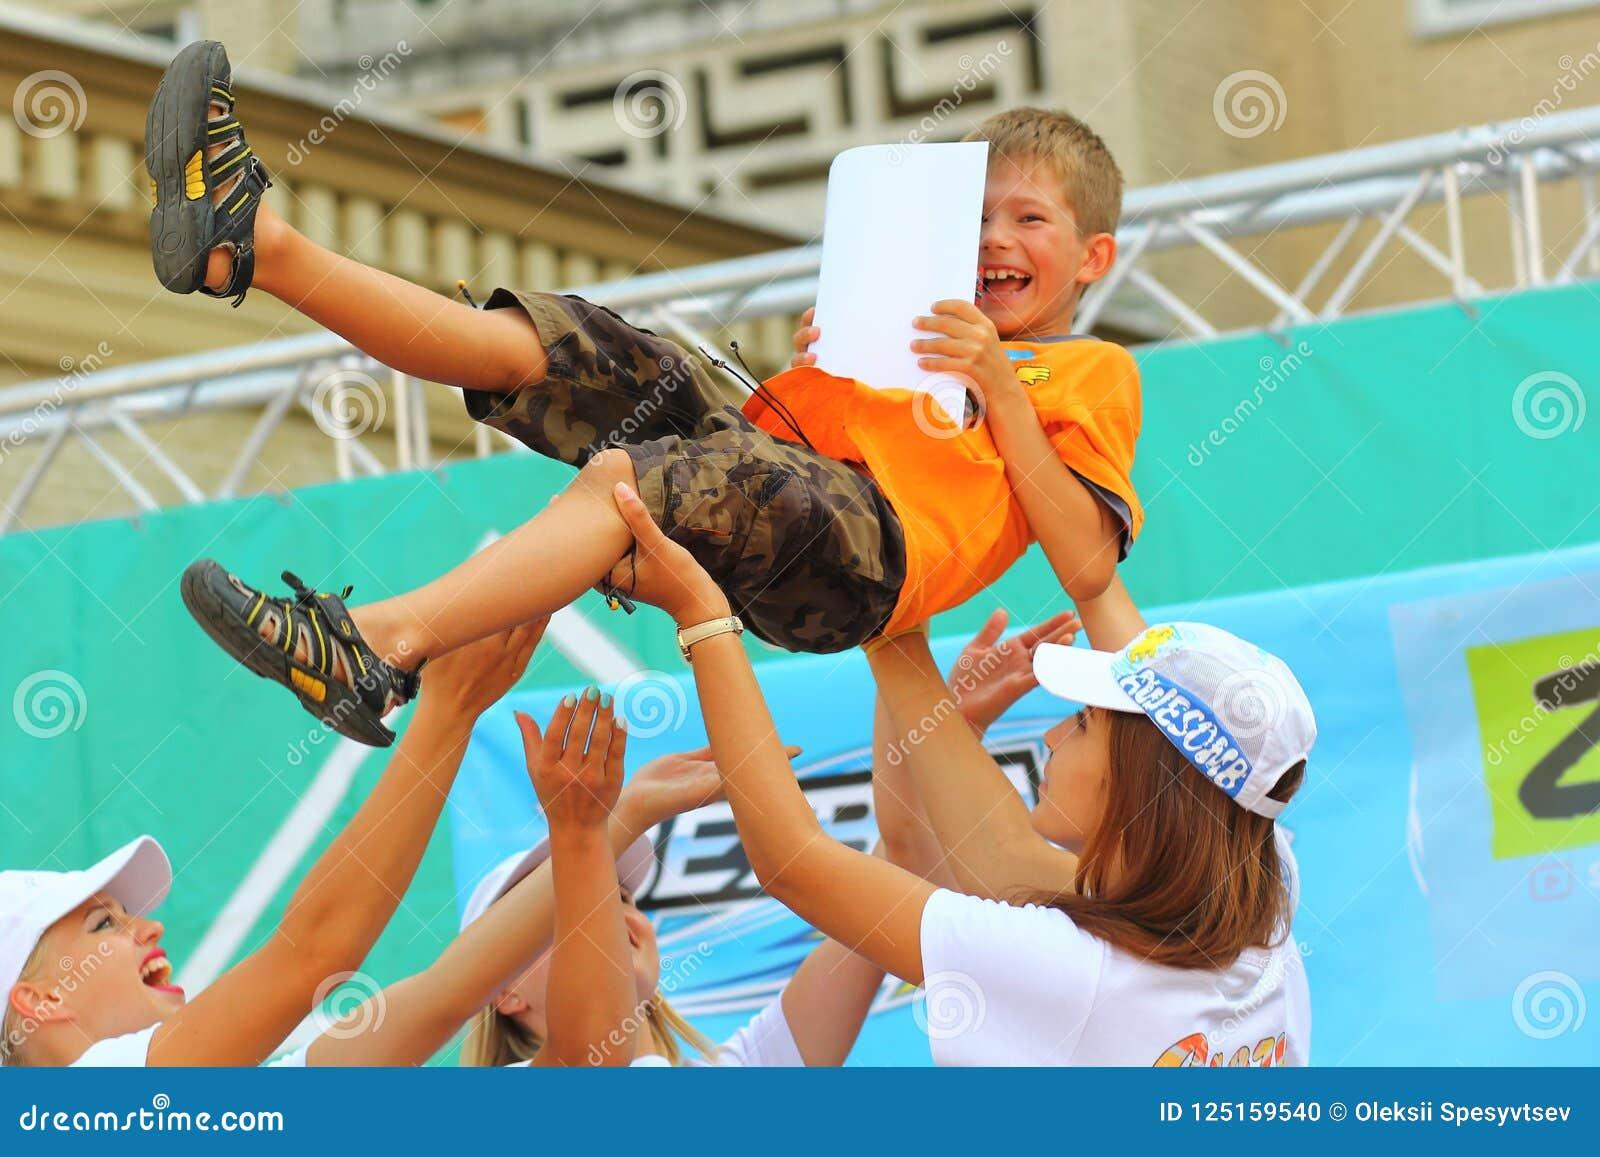 La gente que lanzaba al finalista para arriba en el aire en Bayblade estalló la competencia